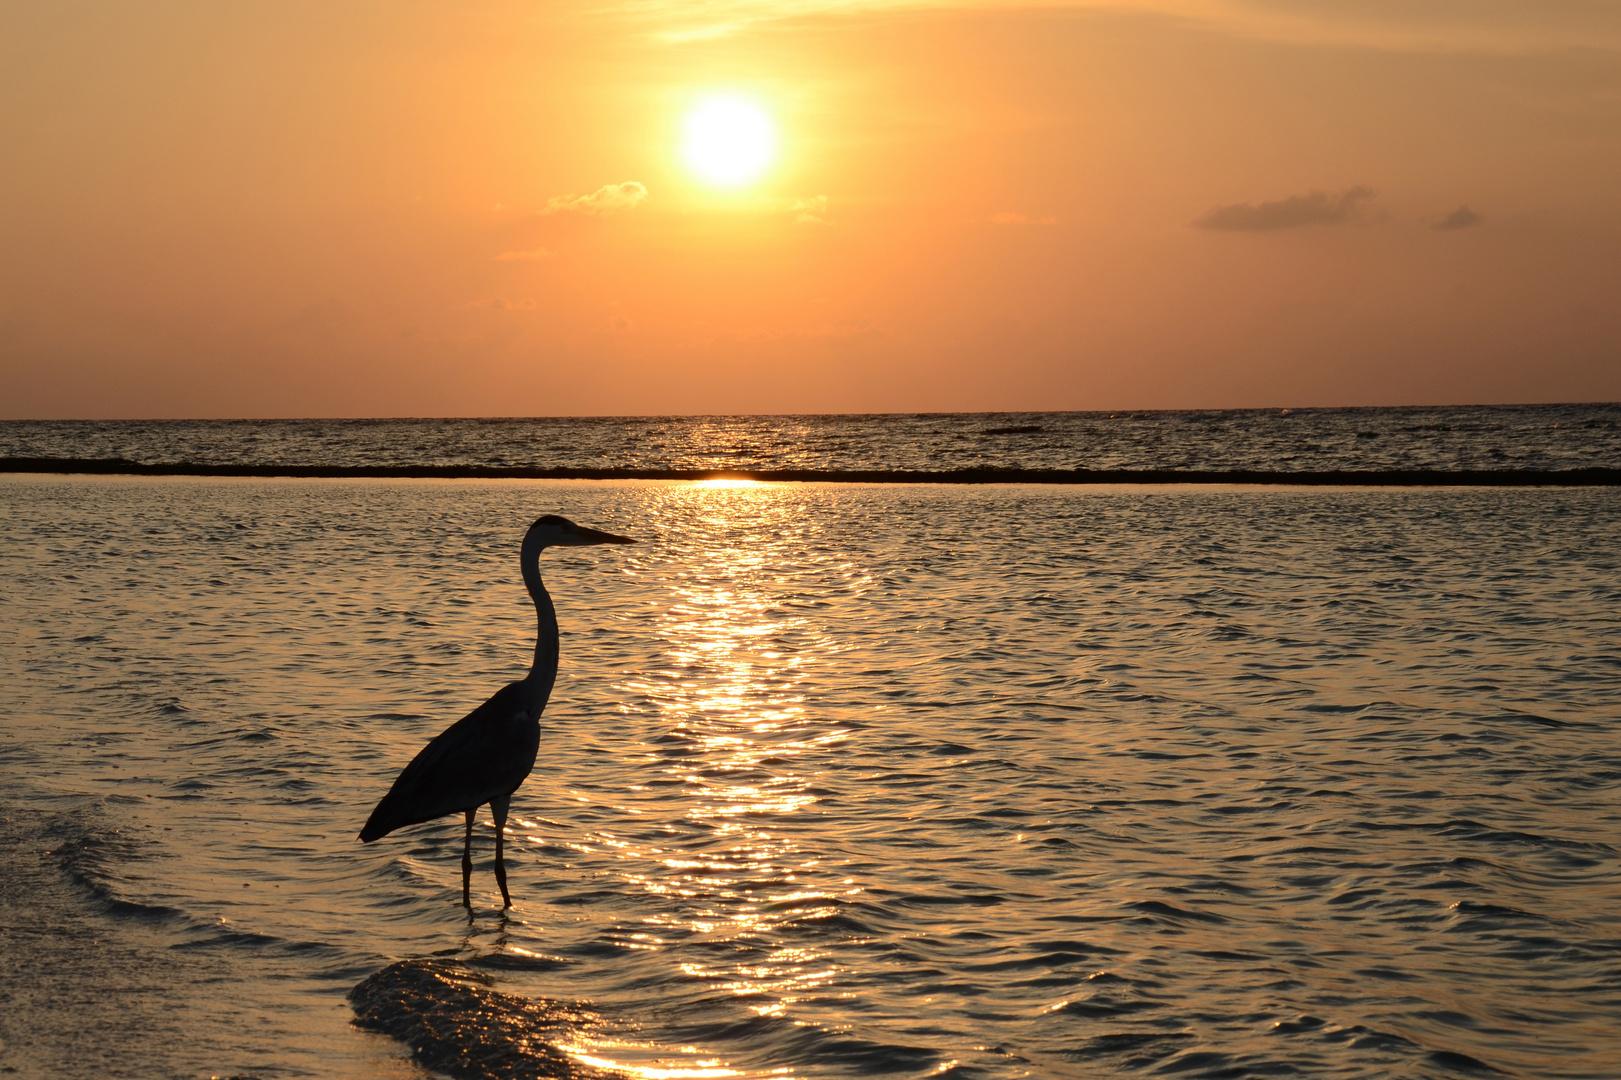 Fischfang bei Sonnenuntergang